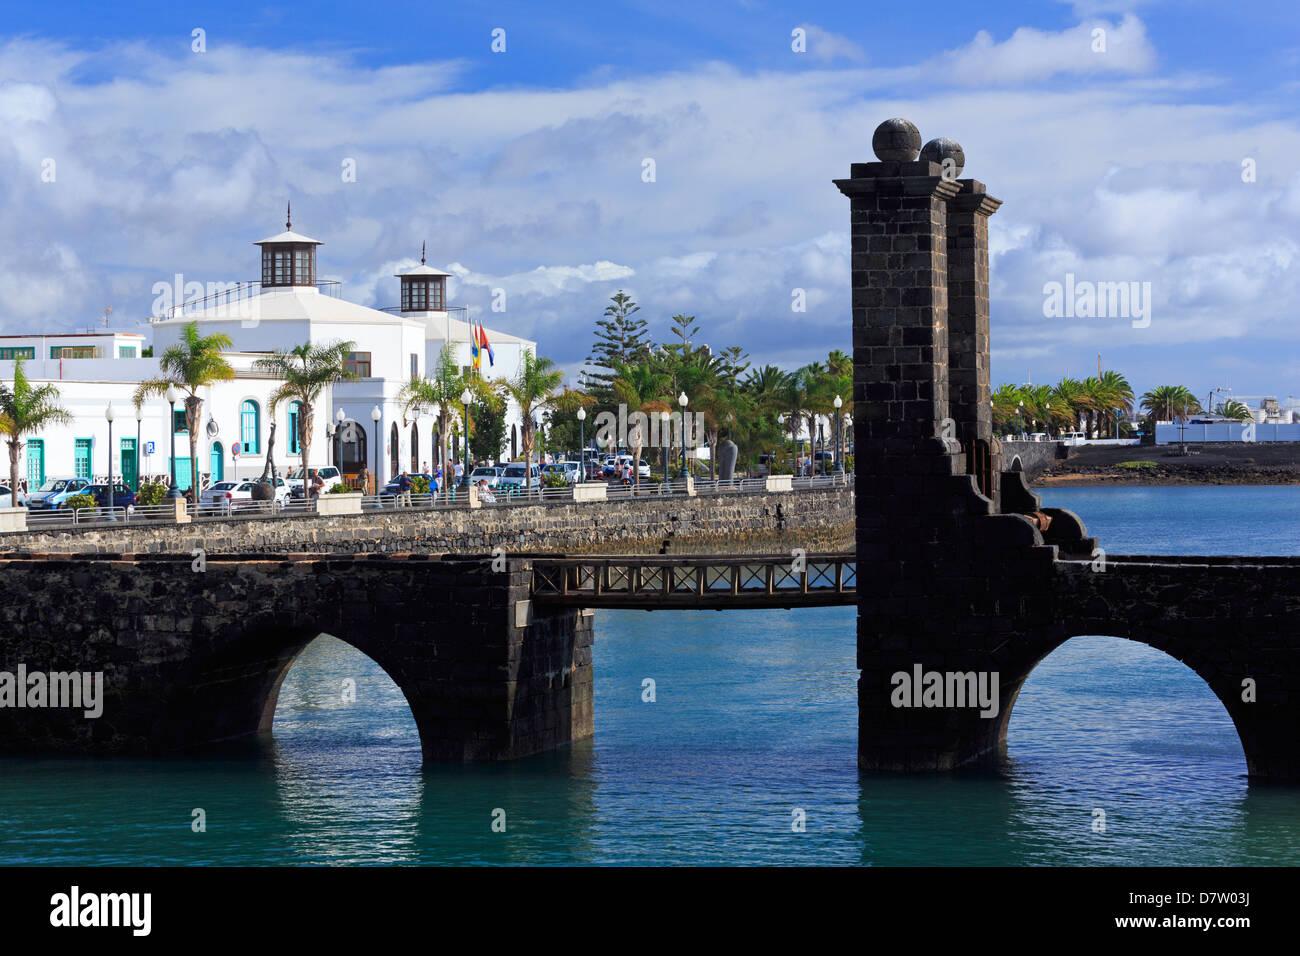 Las Bolas Bridge, Arrecife, Lanzarote Island, Canary Islands, Spain, Atlantic - Stock Image